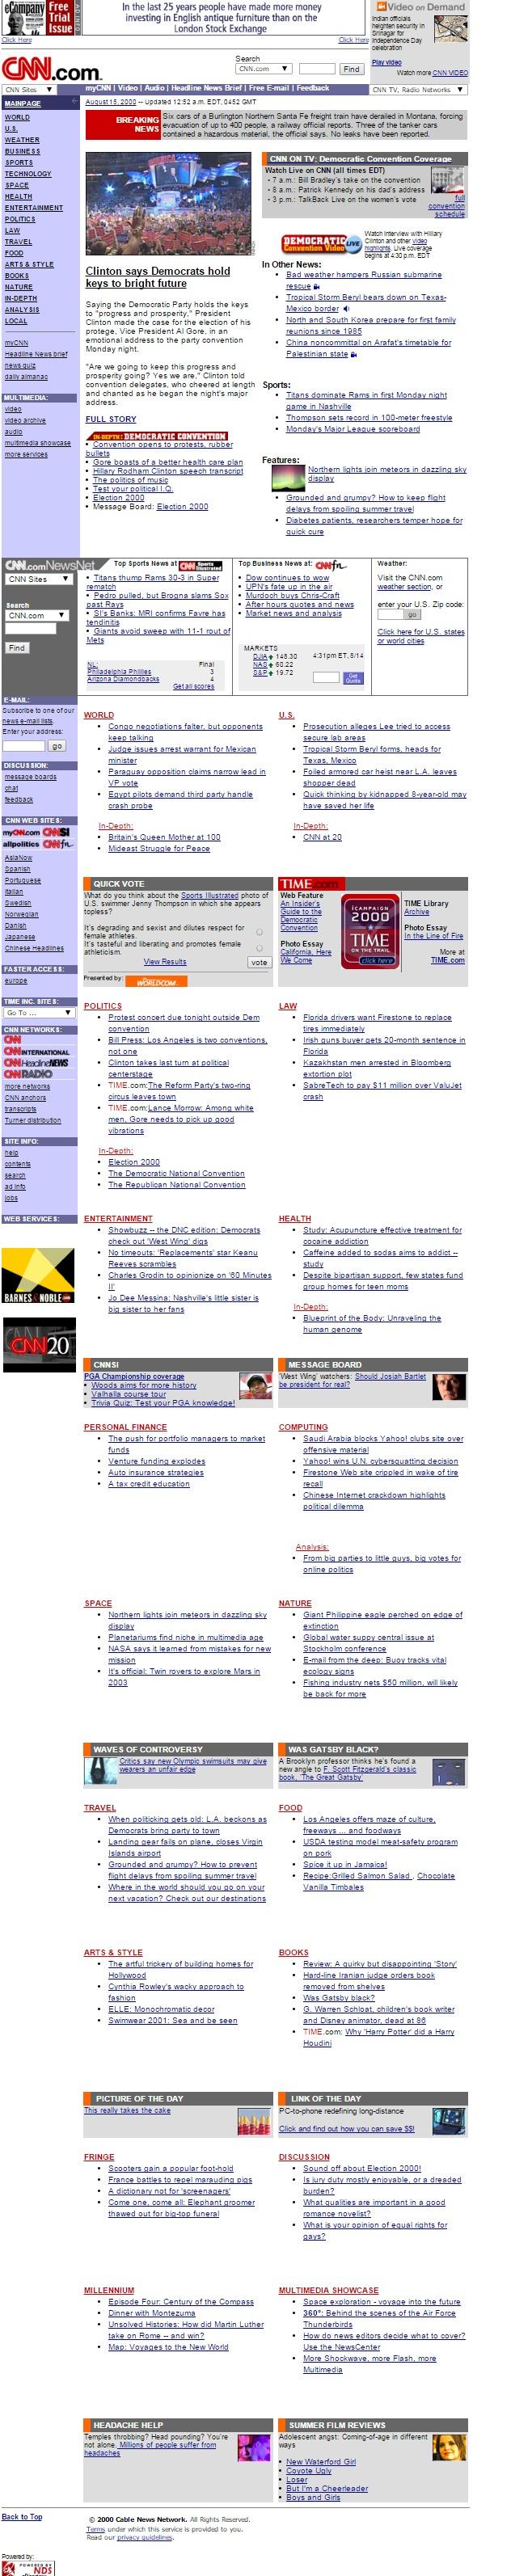 cnn.com 2000